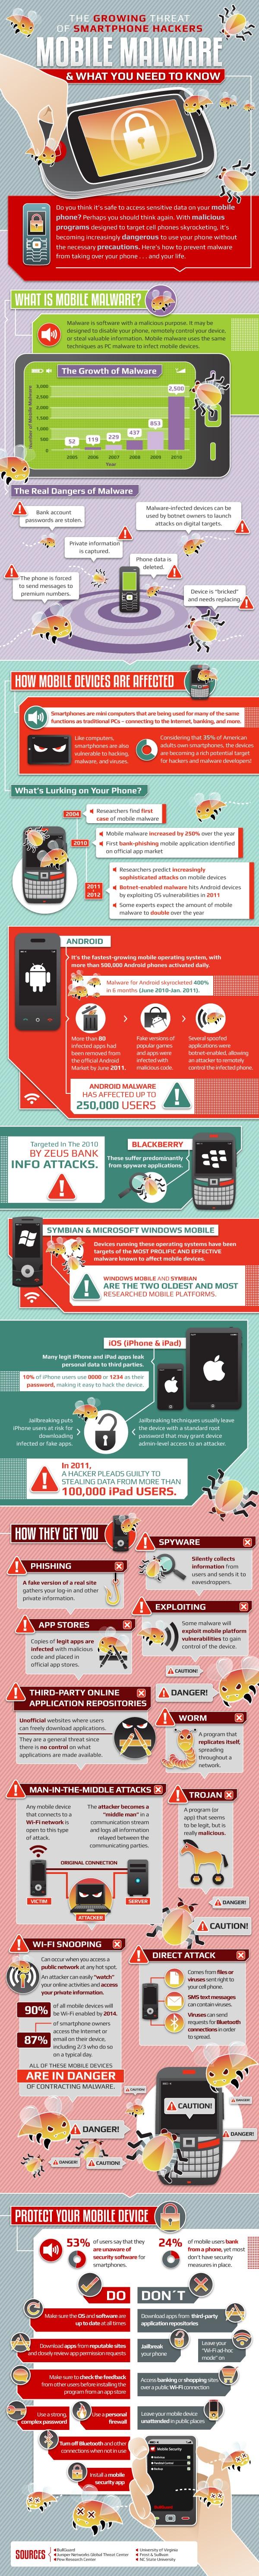 Phone Malware graphic